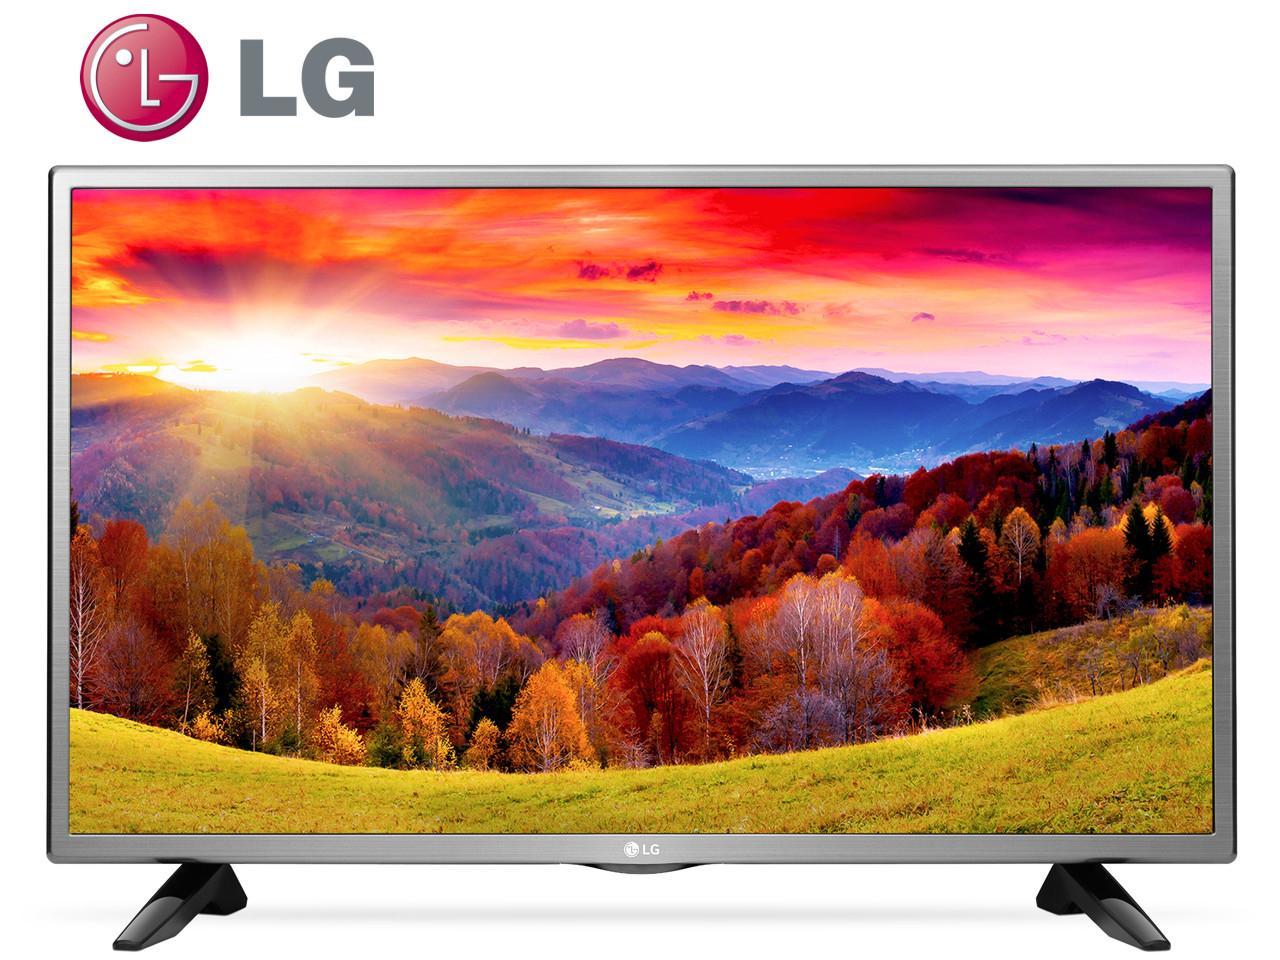 LG 32LH510B + 200 Kč na dárky nebo další nákup | CHAT on-line podpora PO-PÁ 8-22.00!!